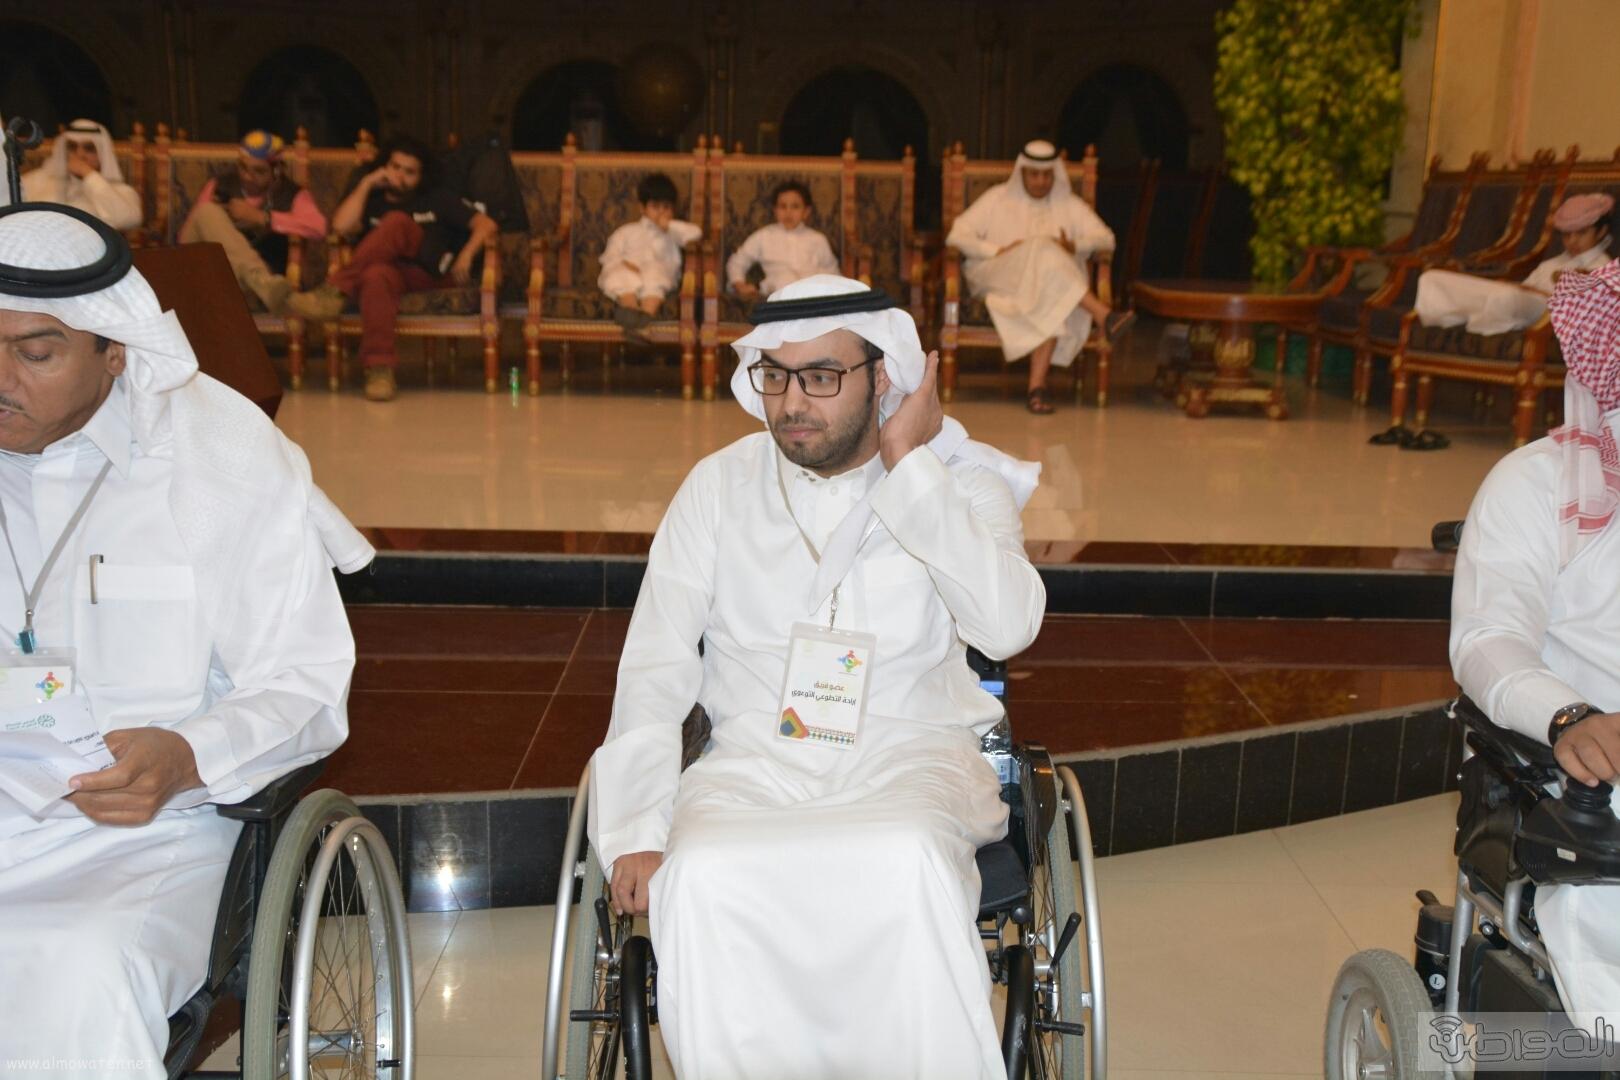 المهندس عبدالعزيز دحمان (1)